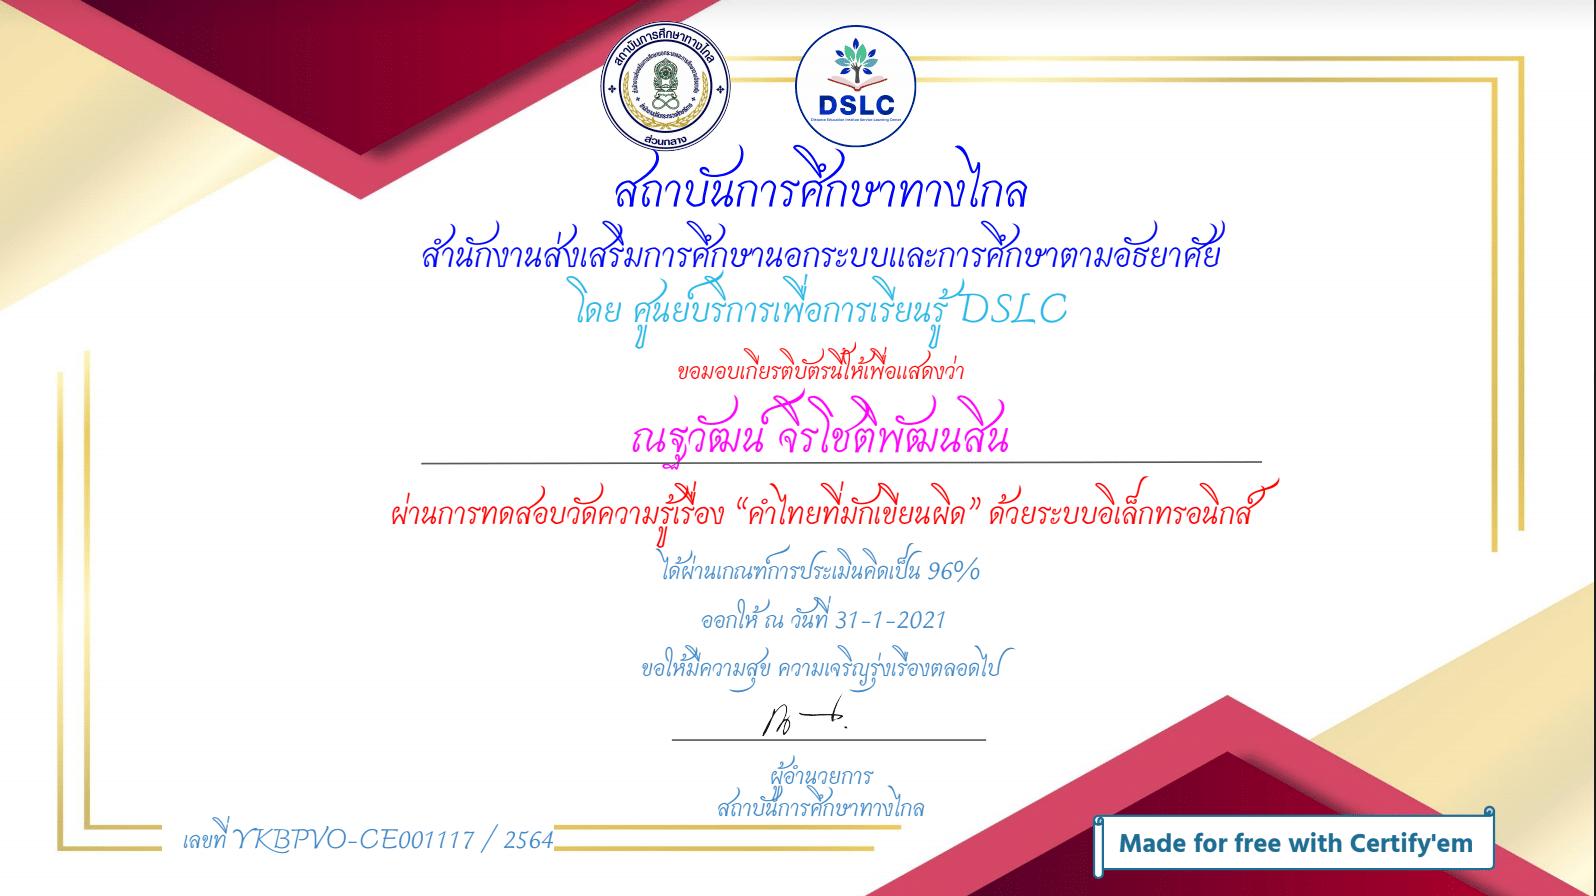 ขอเชิญทำแบบทดสอบ เรื่อง คำไทยที่มักเขียนผิด ผ่านเกณฑ์ 75% รับใบเกียรติบัตรทาง E-mai โดยศูนย์บริการเพื่อการเรียนรู้ สถาบันการศึกษาทางไกล สำนักงาน กศน.